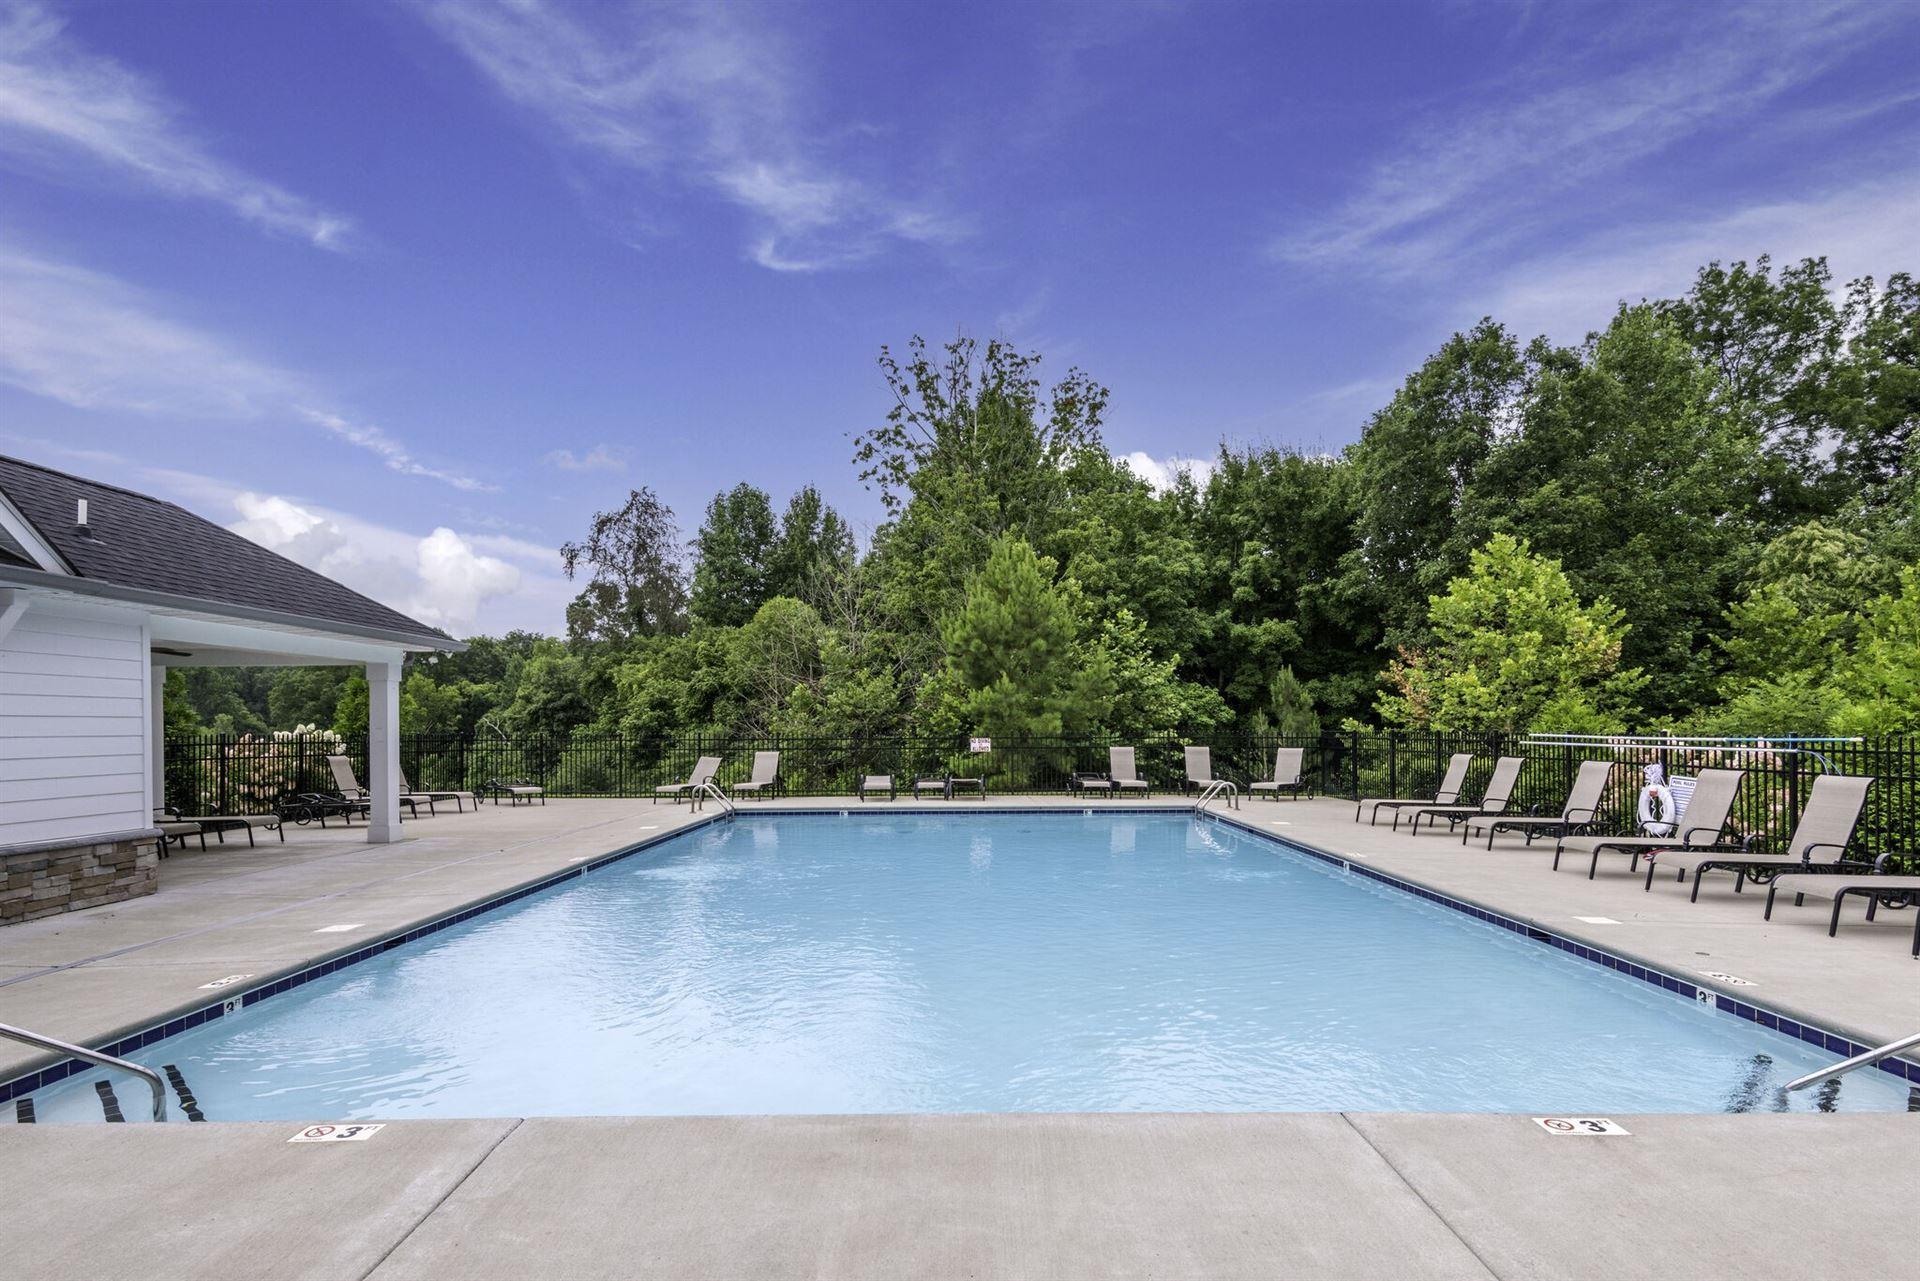 335 Wyburn Place (Lot 176), Burns, TN 37029 - MLS#: 2276070